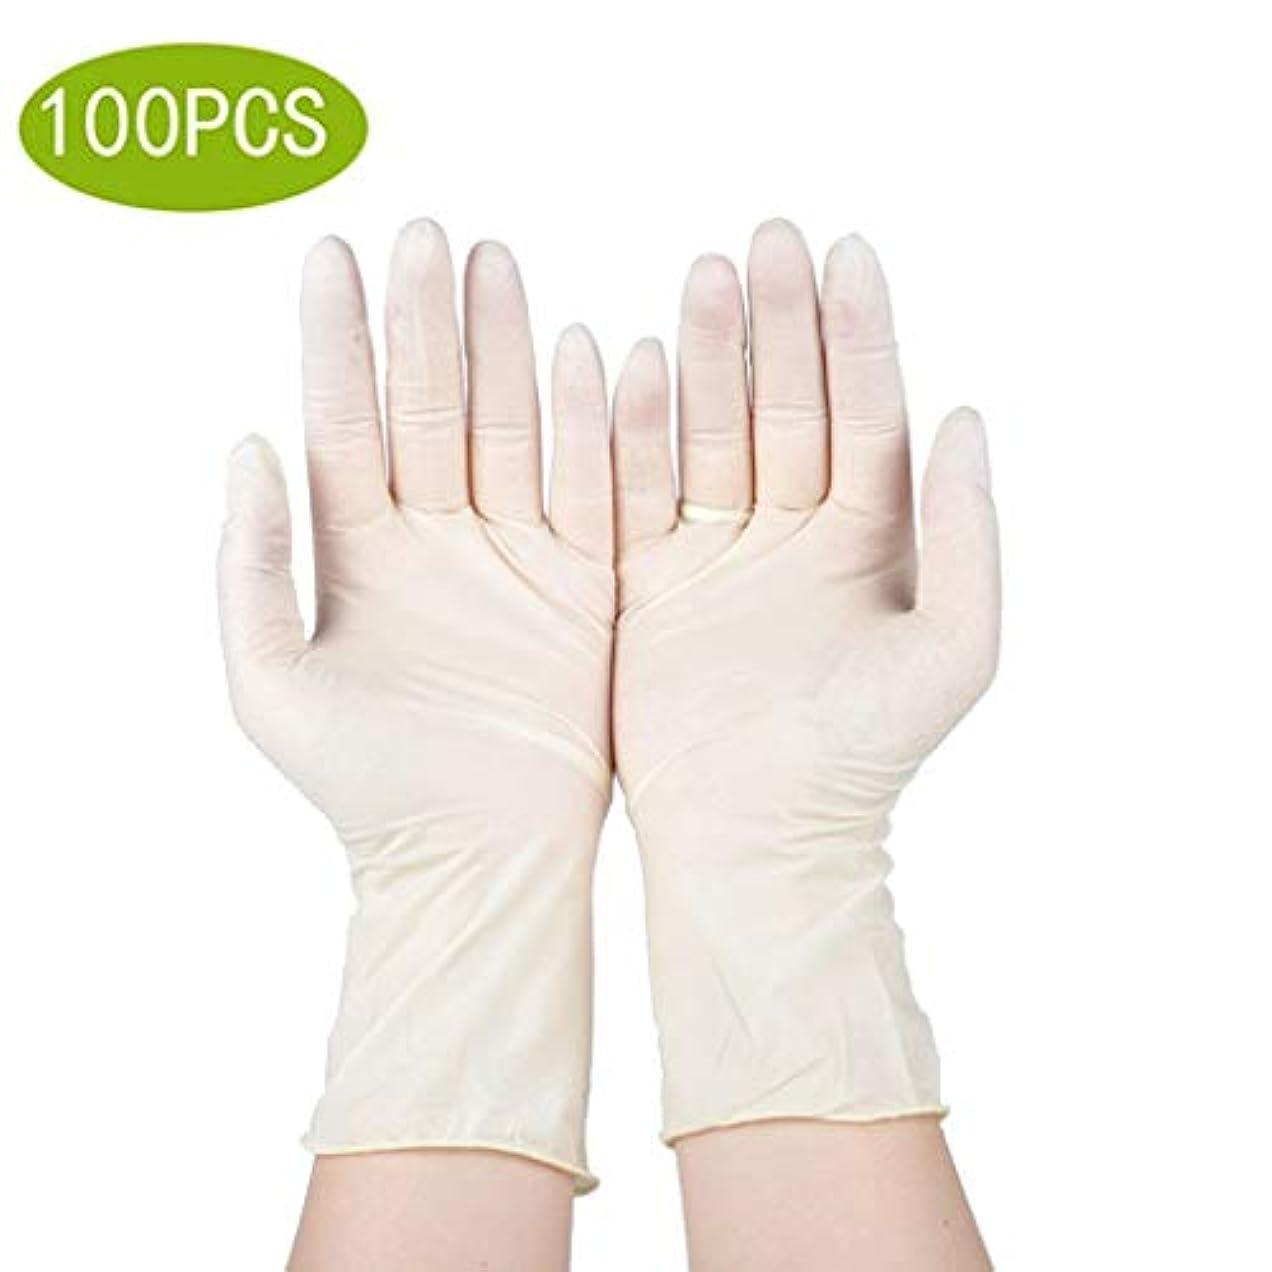 に同意する戦闘協定ニトリル手袋義務使い捨てビニール手袋、100カウント、特大 - パウダーフリー、両用性、超快適、極度の強度、耐久性と伸縮性、医療、食品、マルチユース (Color : Latex Gloves, Size : M)